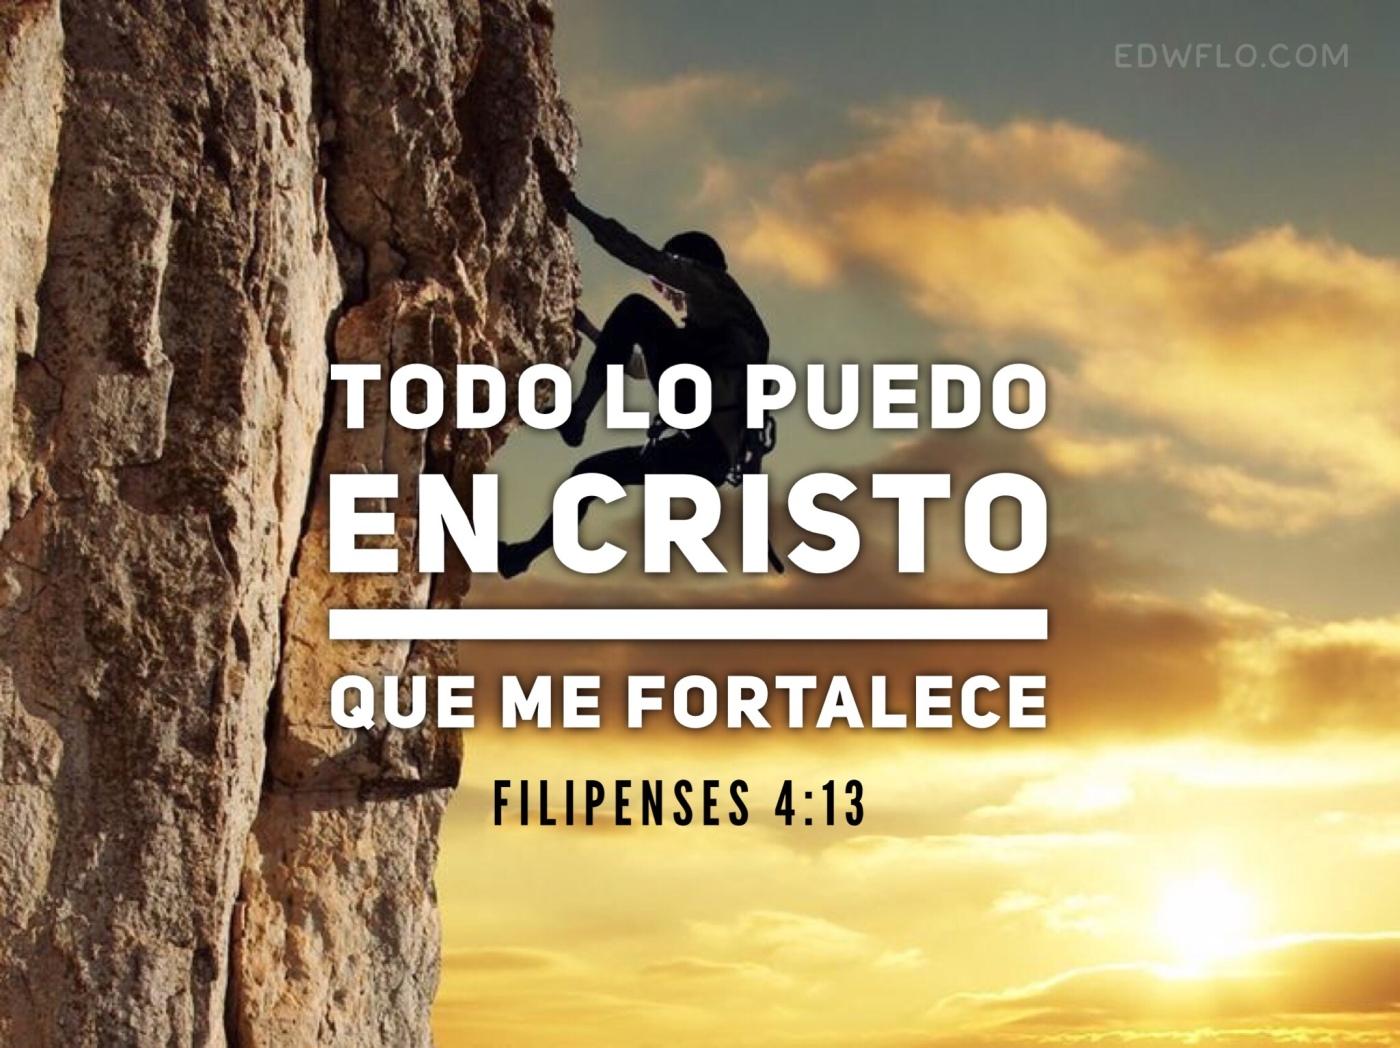 Amas A Cristo 7 Razones Bíblicas Para Hacer Ejercicio 5